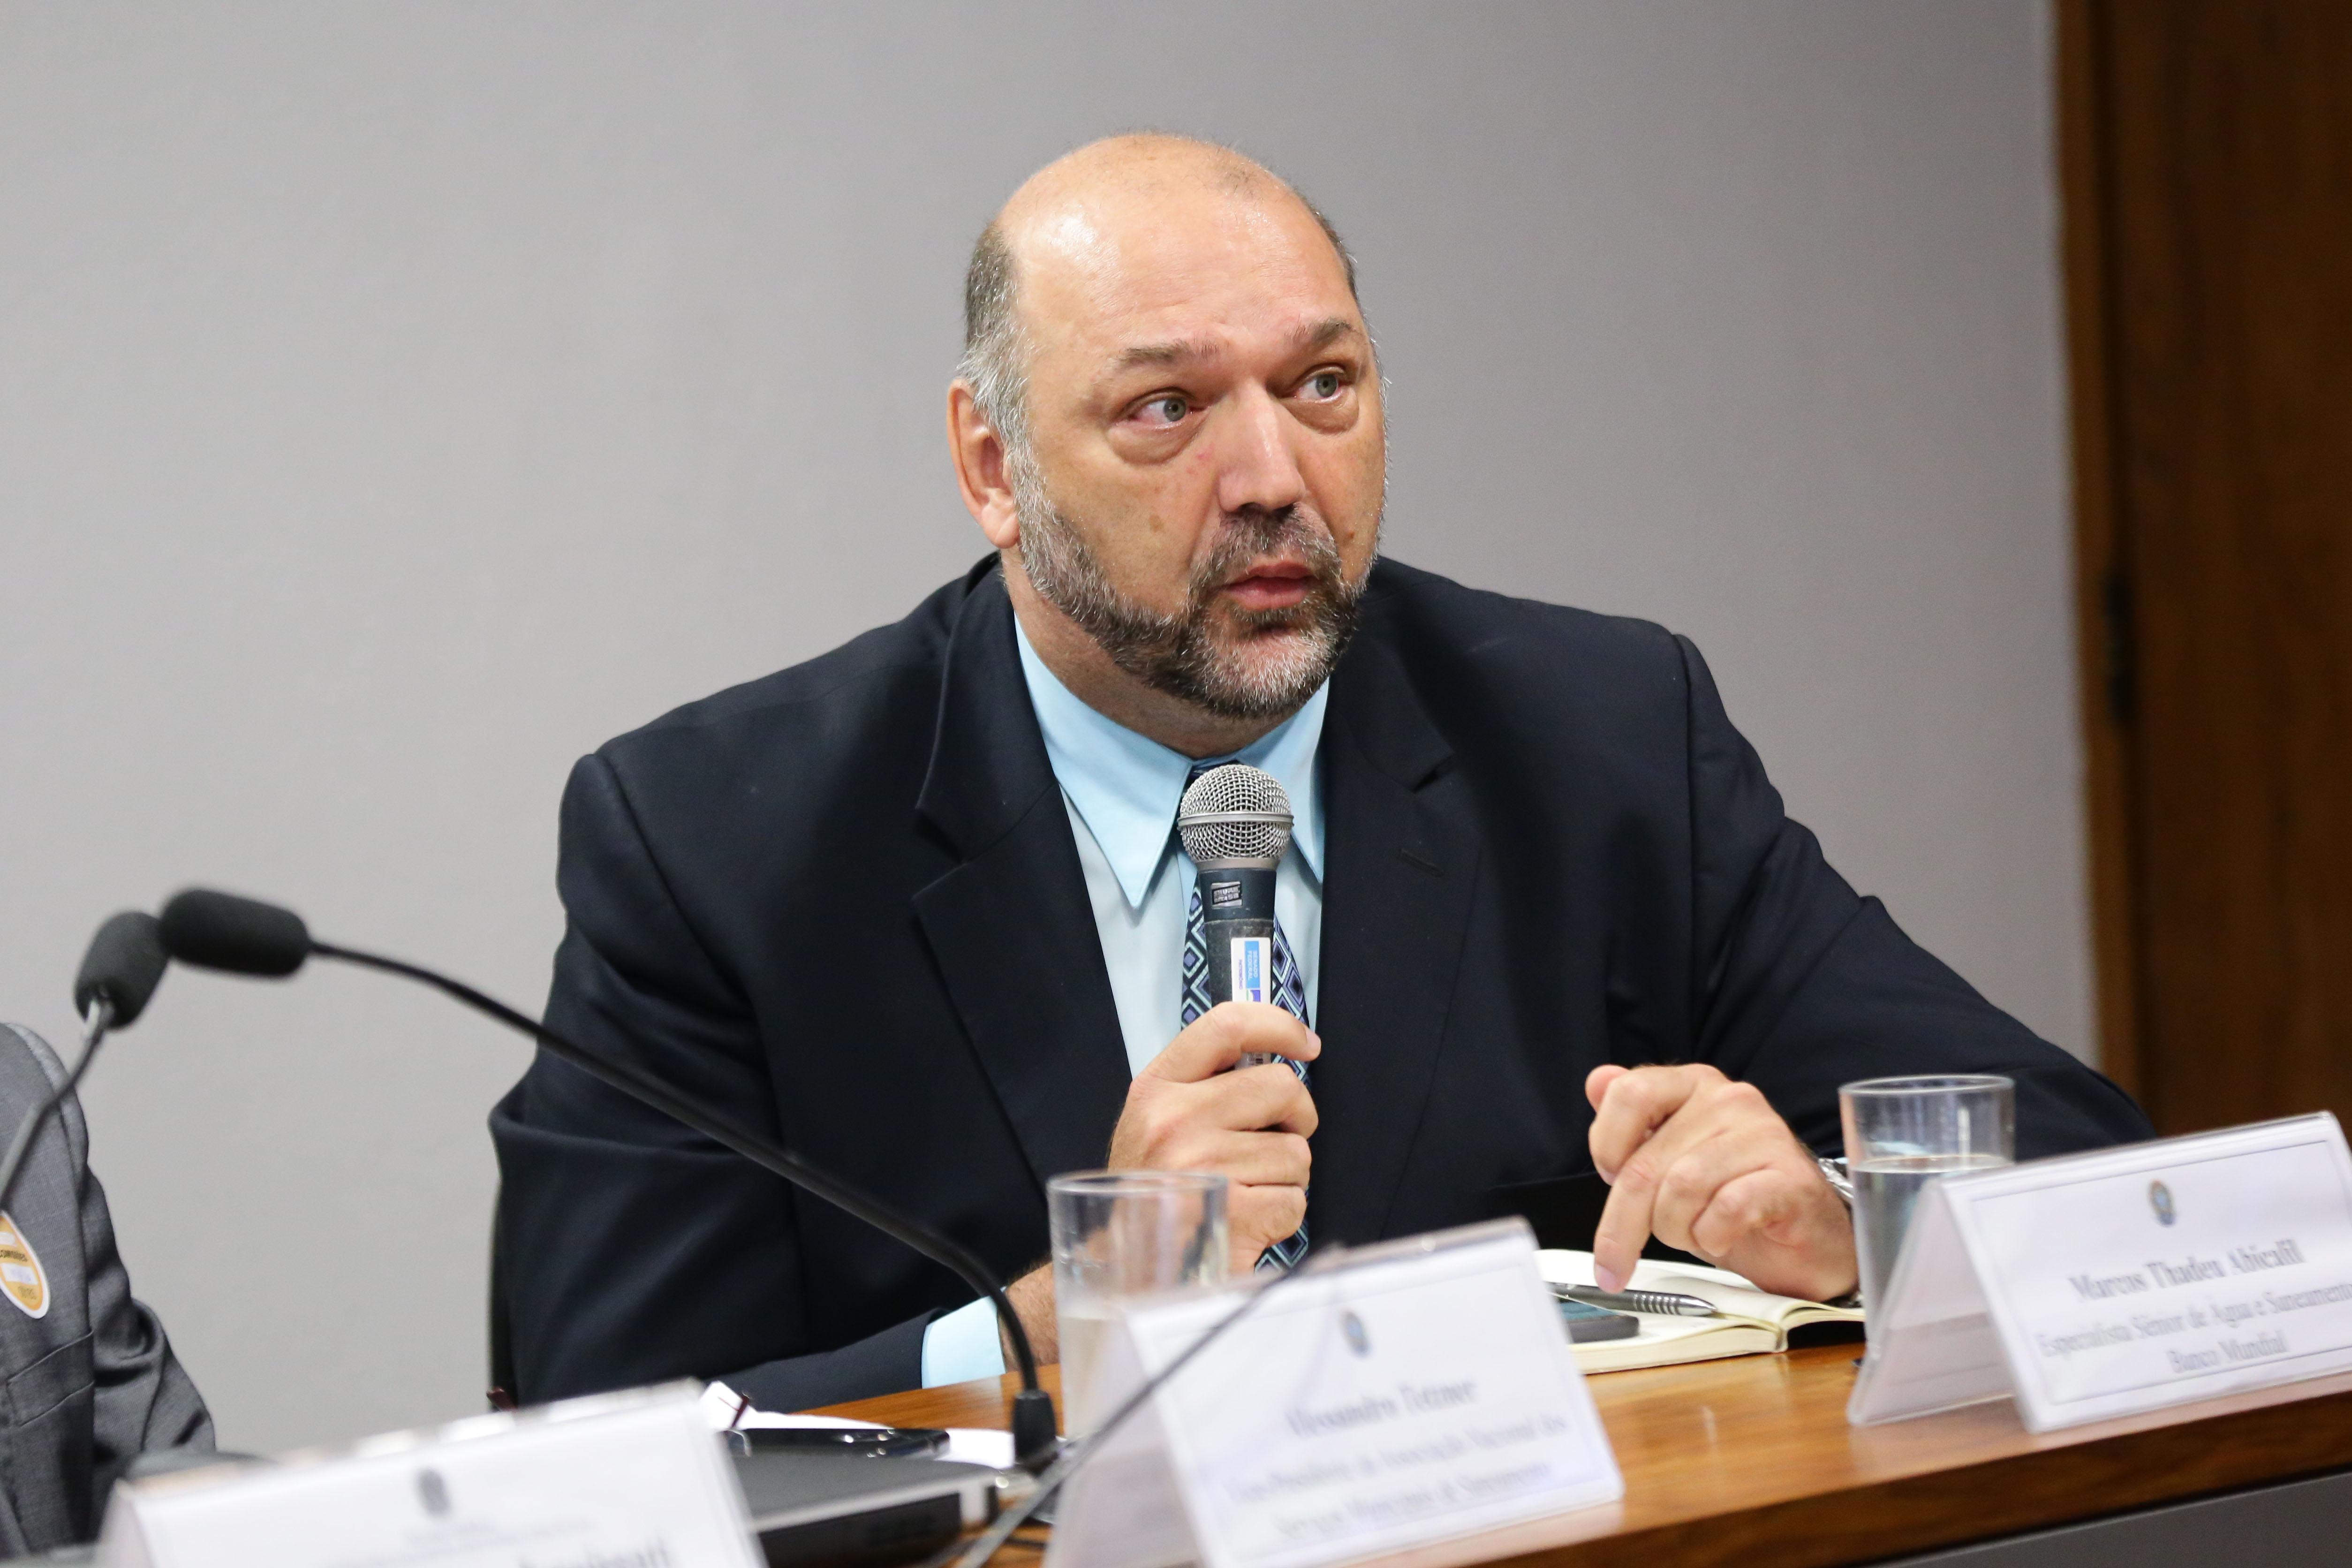 Comissão Mista sobre a MP 868/18, que reformula o marco legal do saneamento básico. Especialista Sênior de Água e Saneamento do Banco Mundial, Marcos Thadeu Abicalil